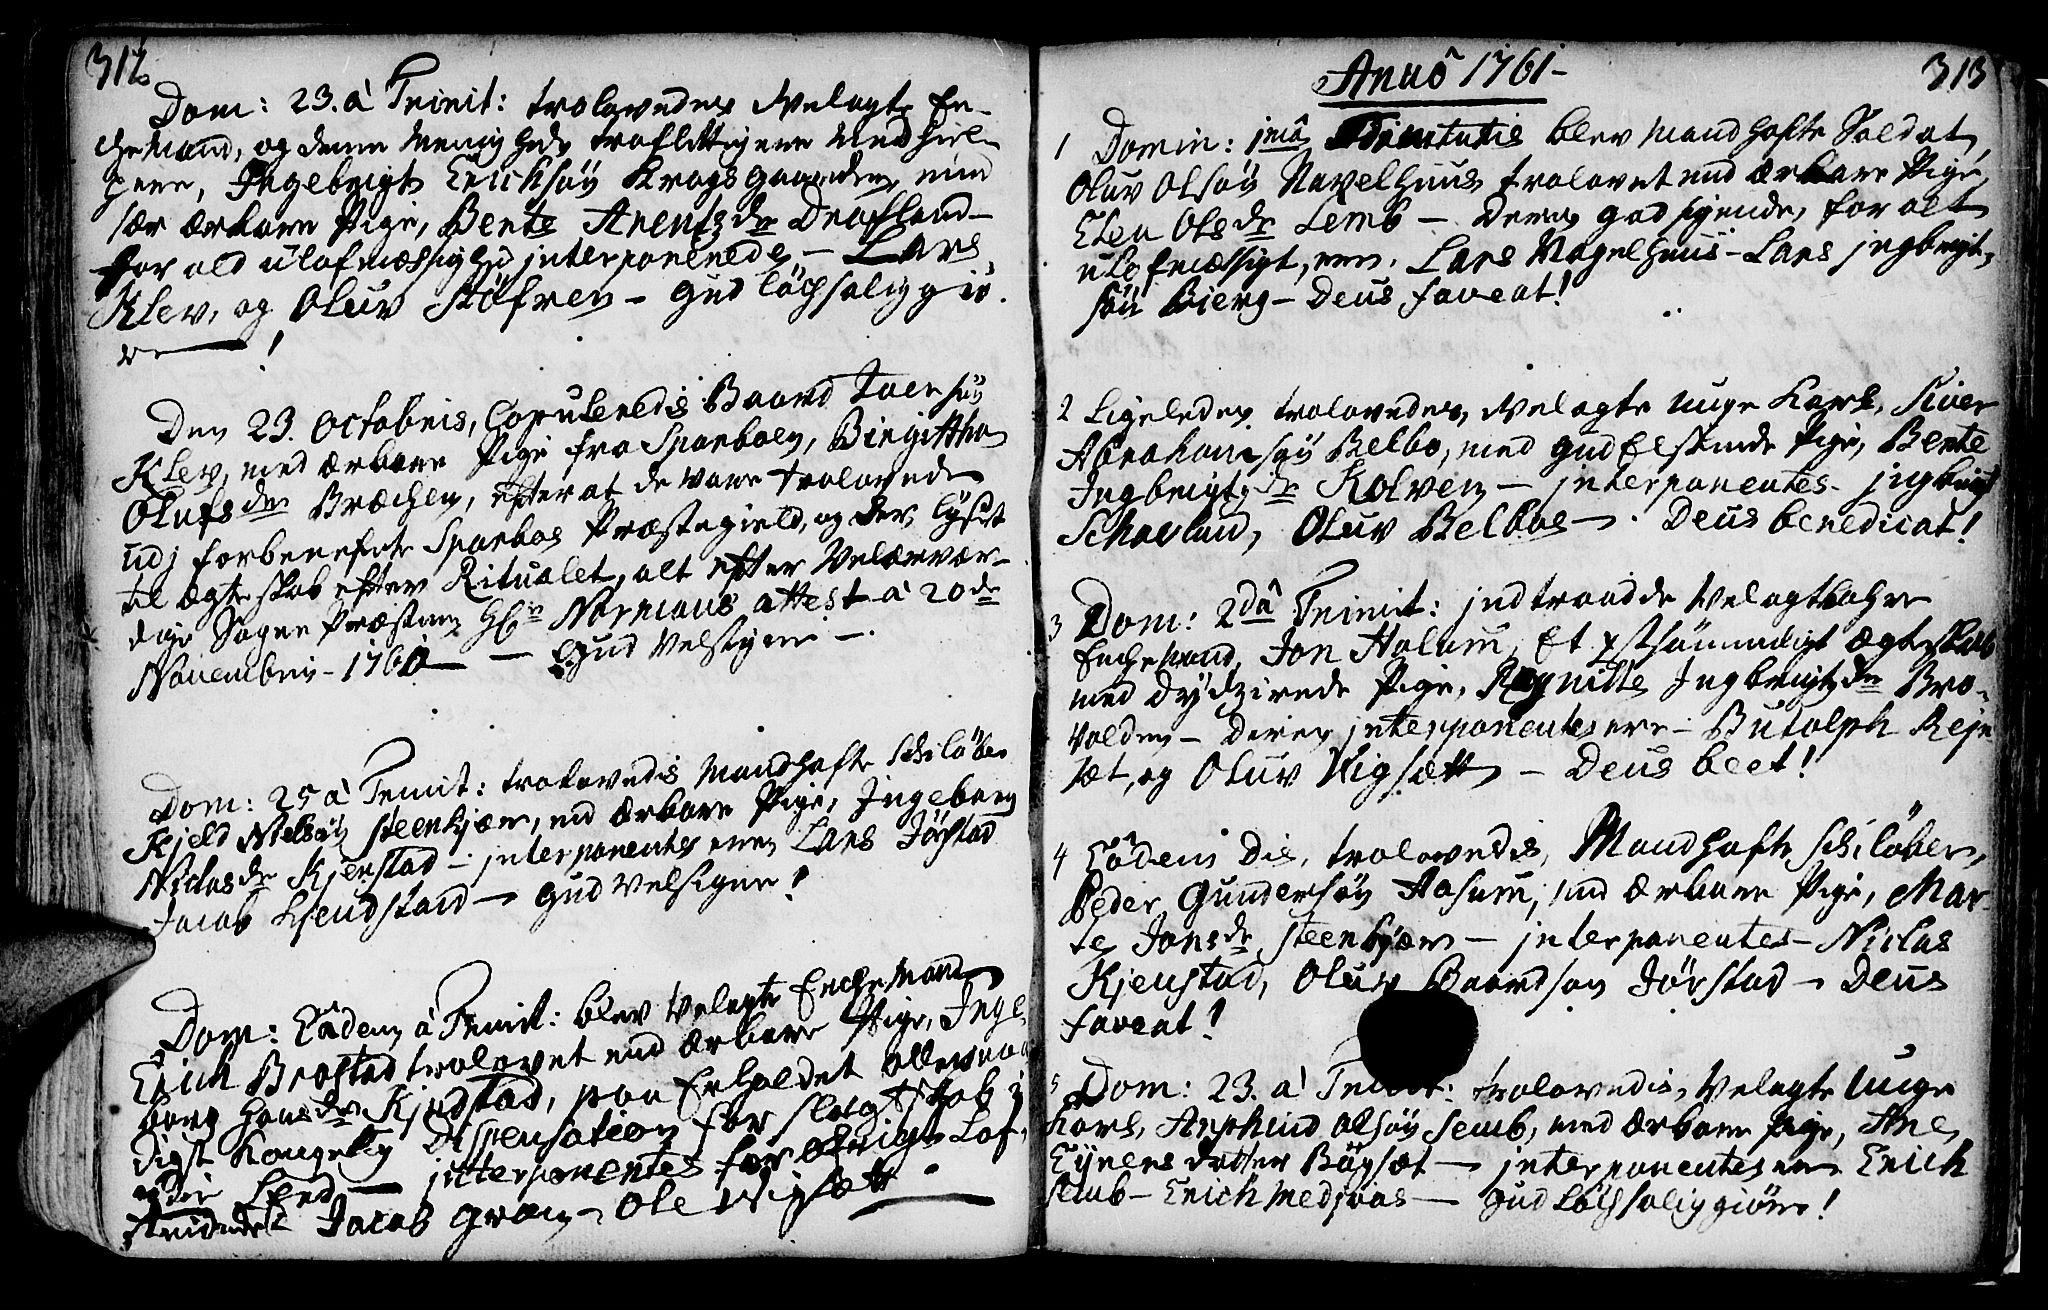 SAT, Ministerialprotokoller, klokkerbøker og fødselsregistre - Nord-Trøndelag, 749/L0467: Ministerialbok nr. 749A01, 1733-1787, s. 312-313